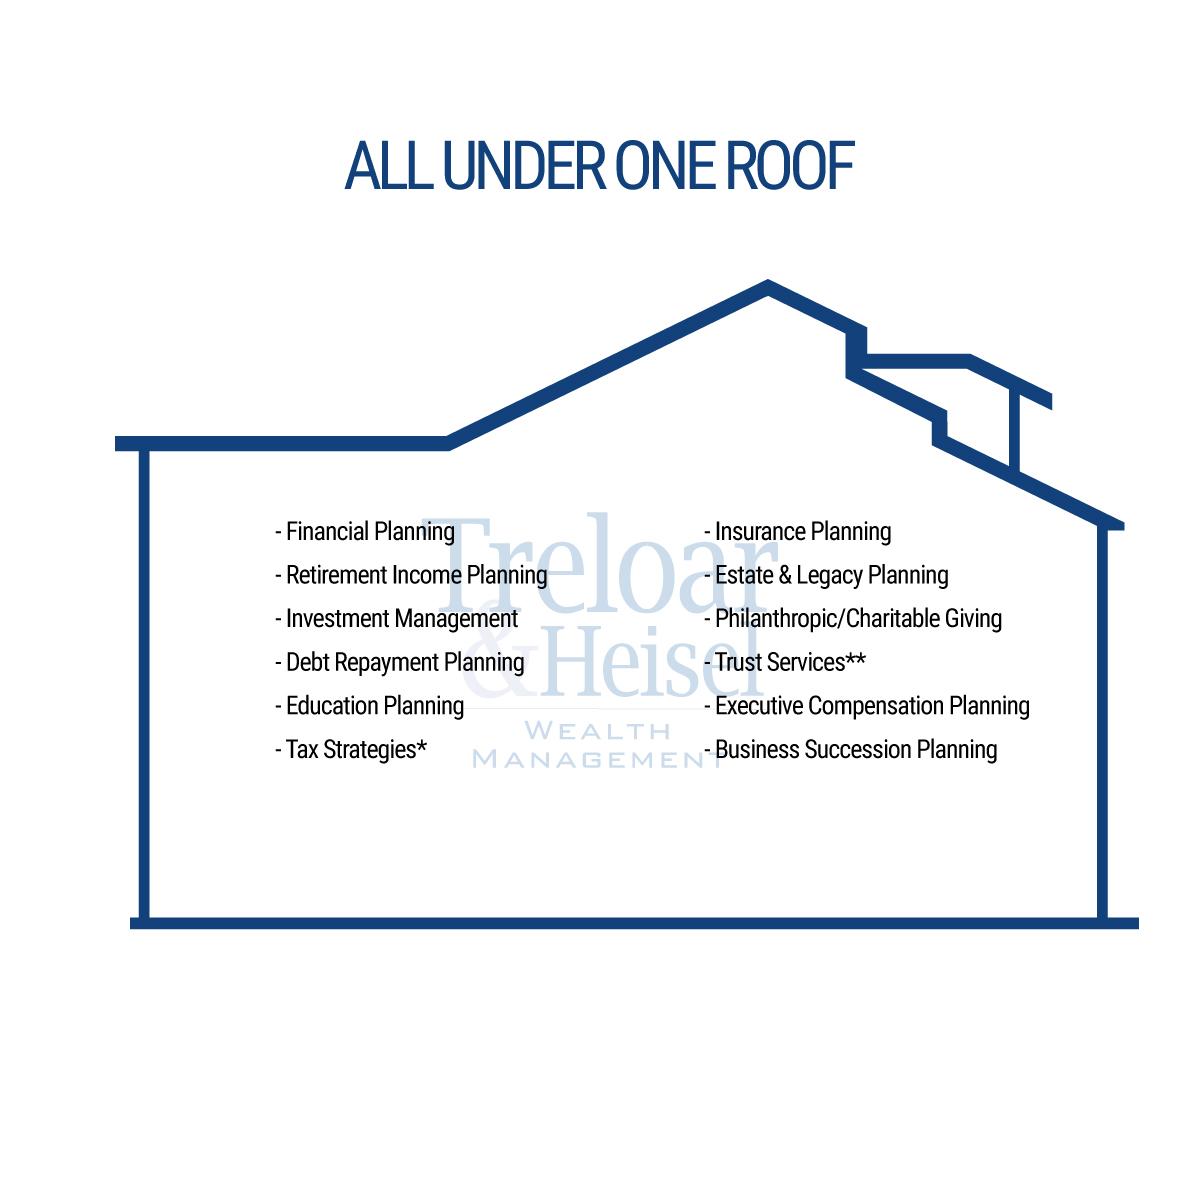 Treloar & Heisel All Under One Roof